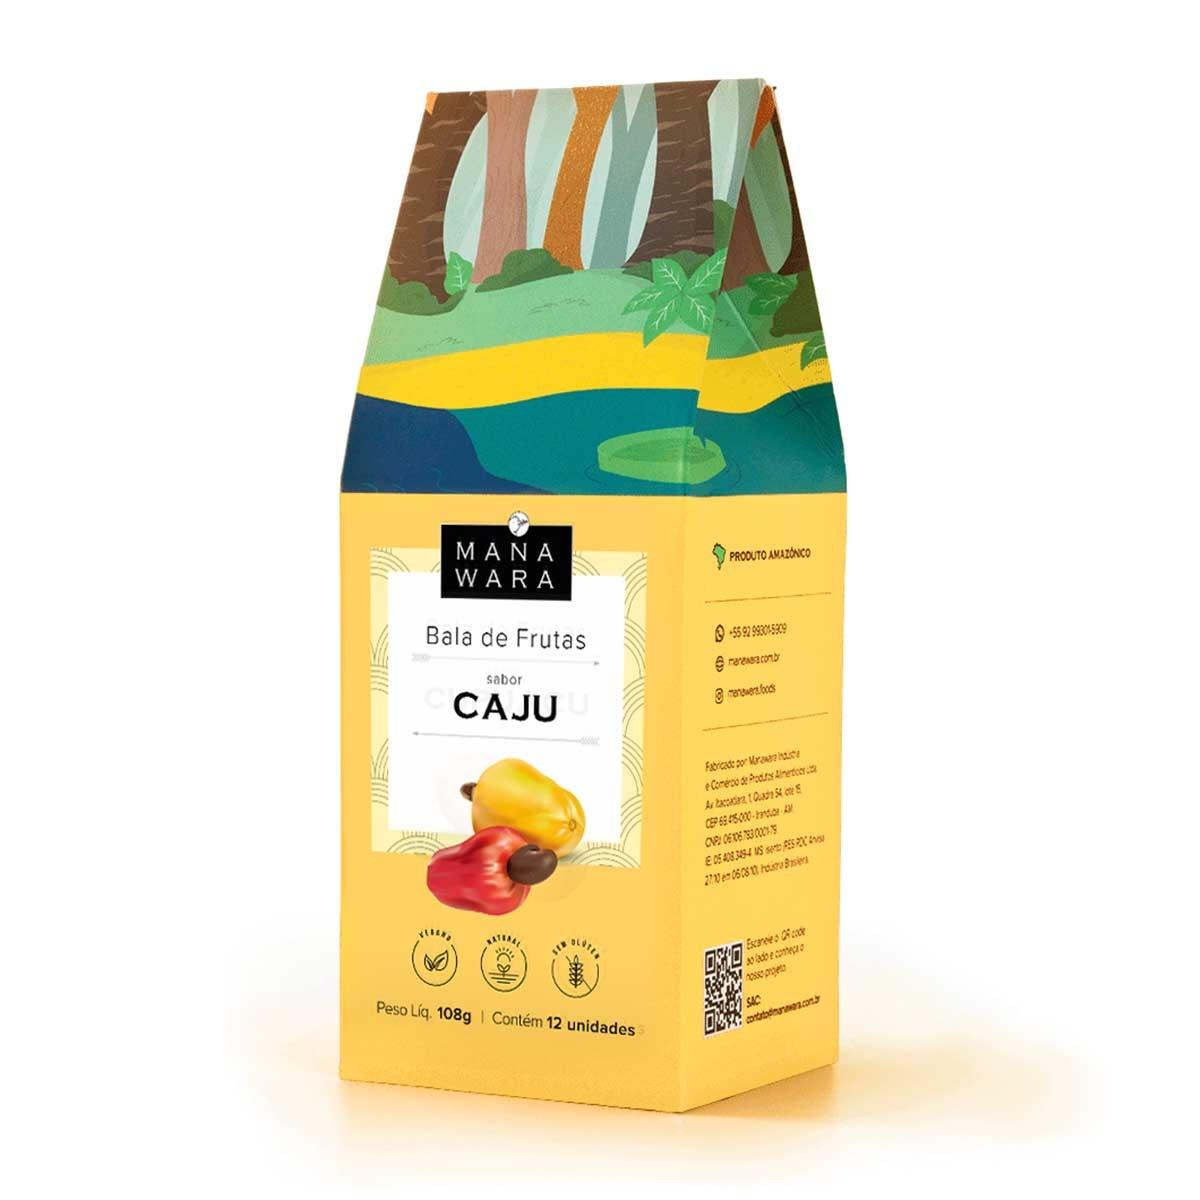 Bala sabor Caju - Manawara